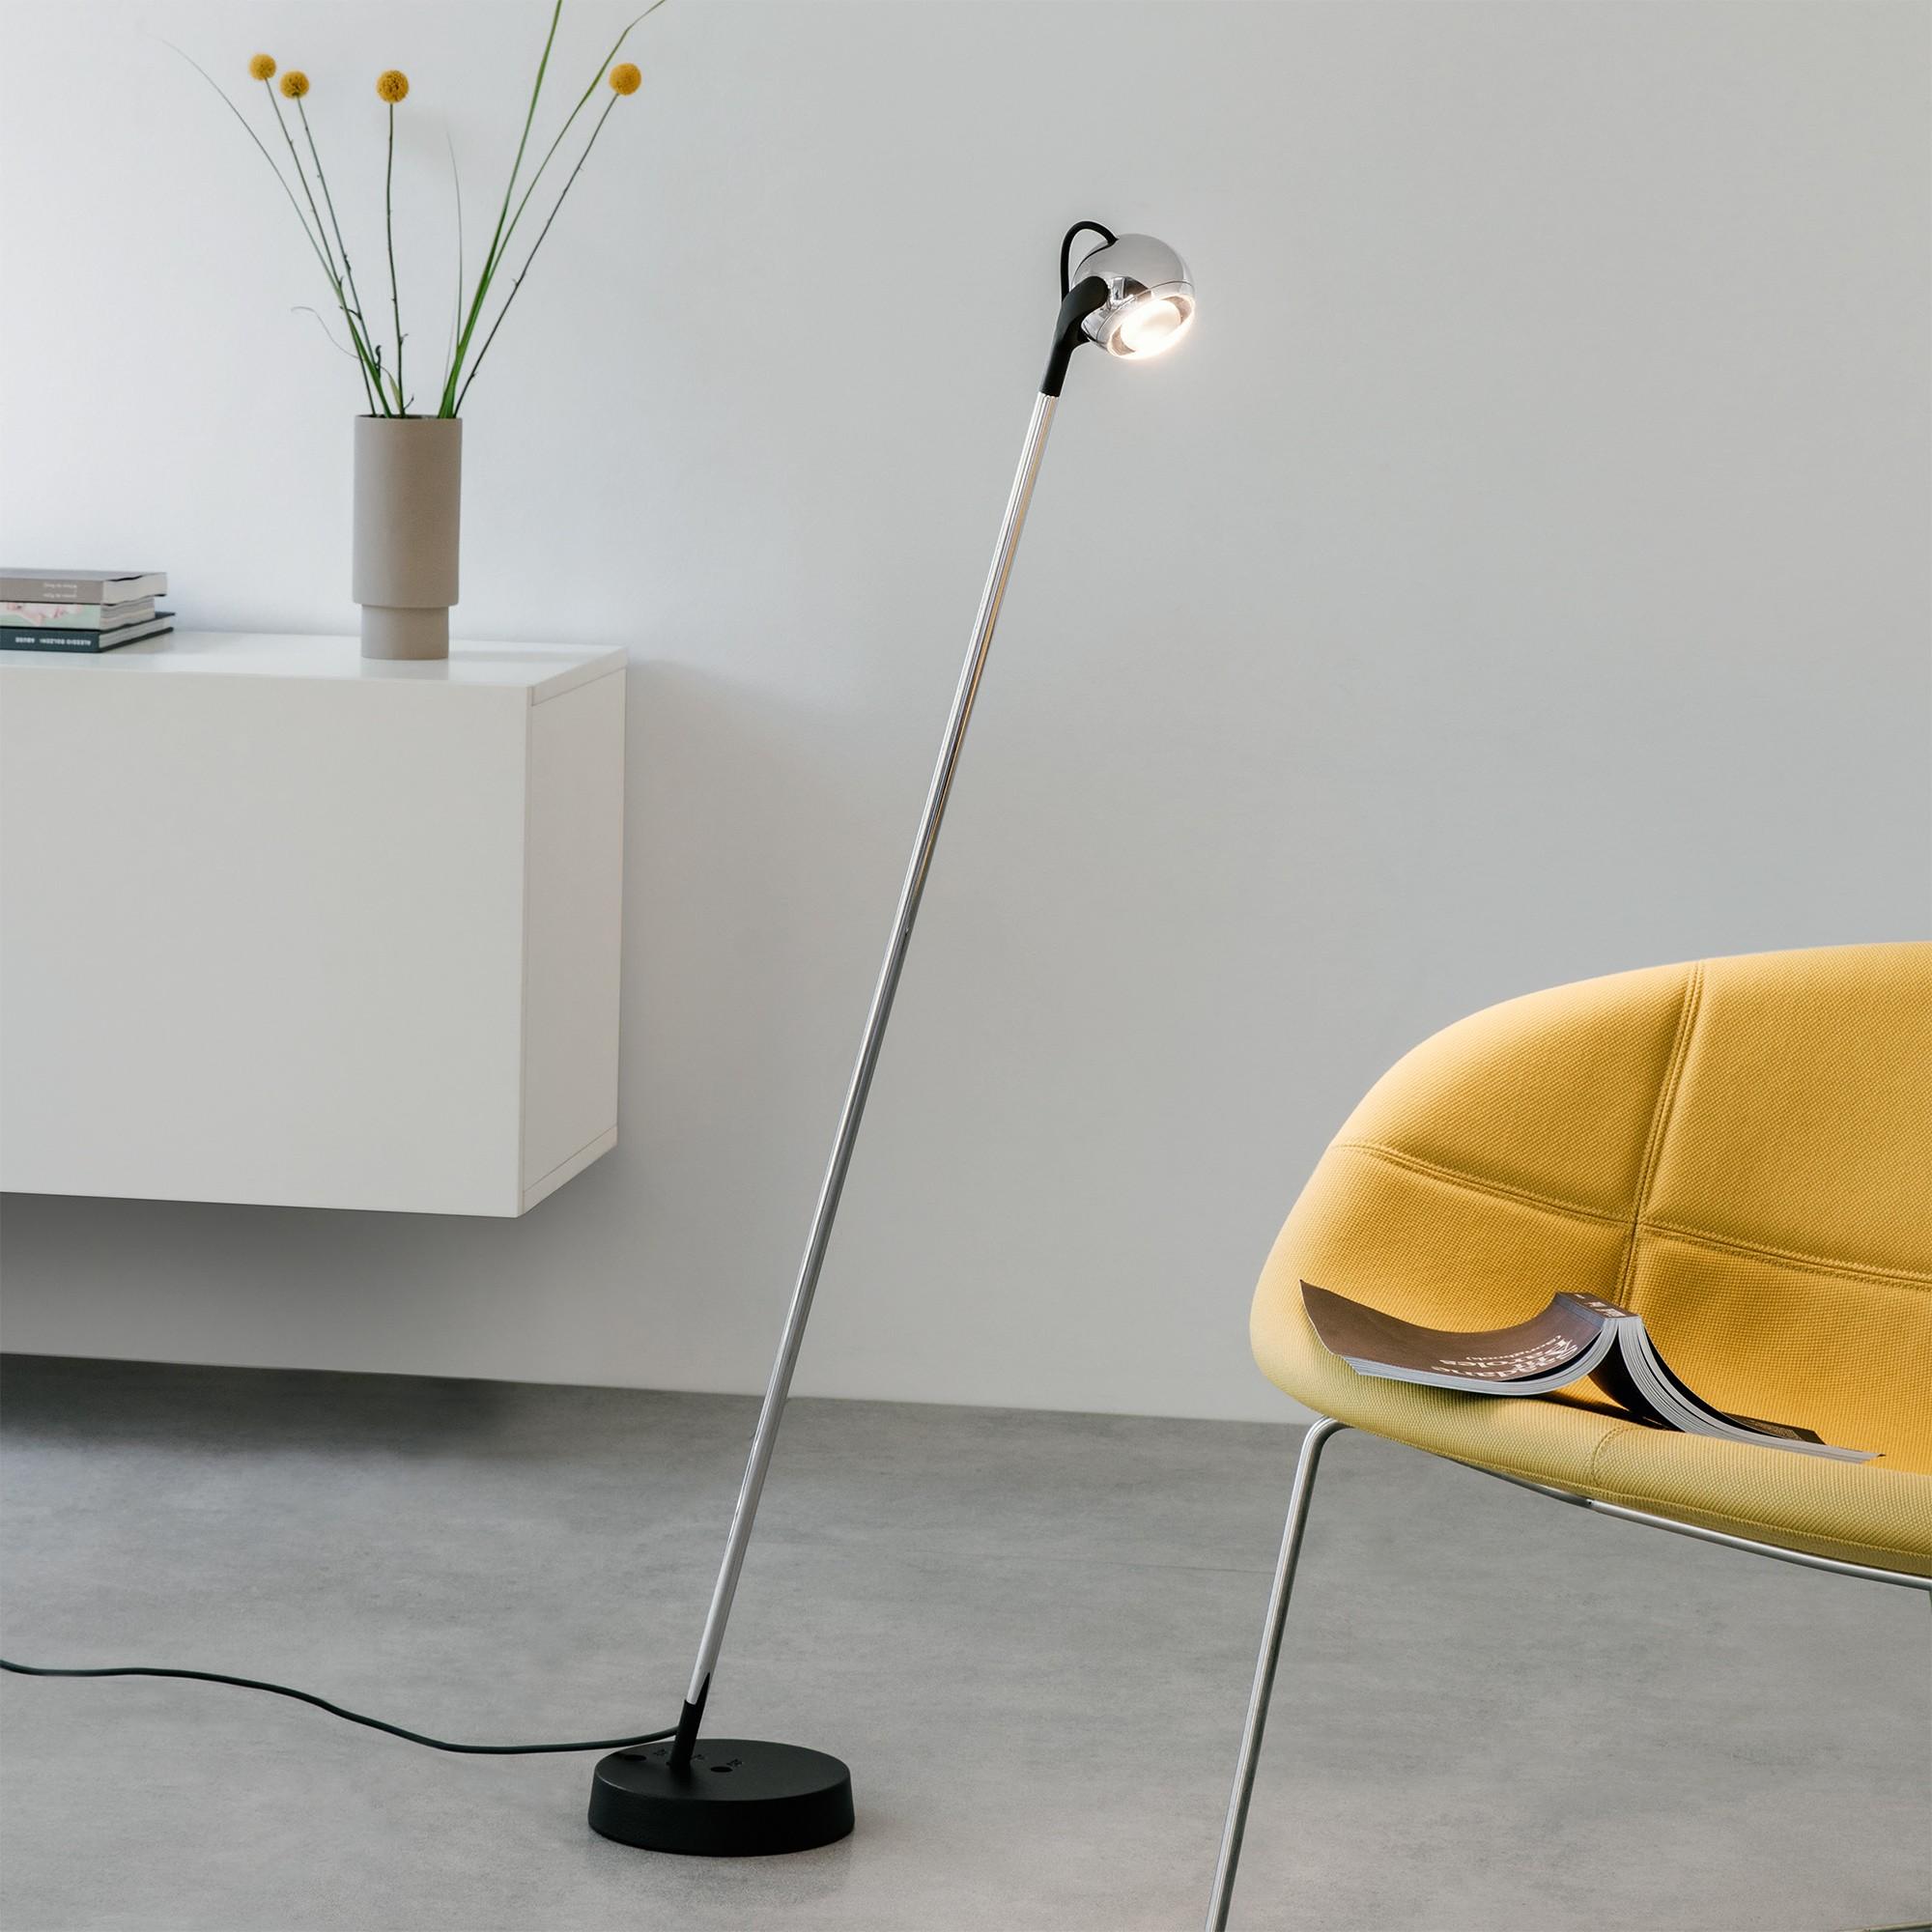 Tischleuchte Falling Star Design Tobias Grau mit Herstellergarantie Neu Lampe